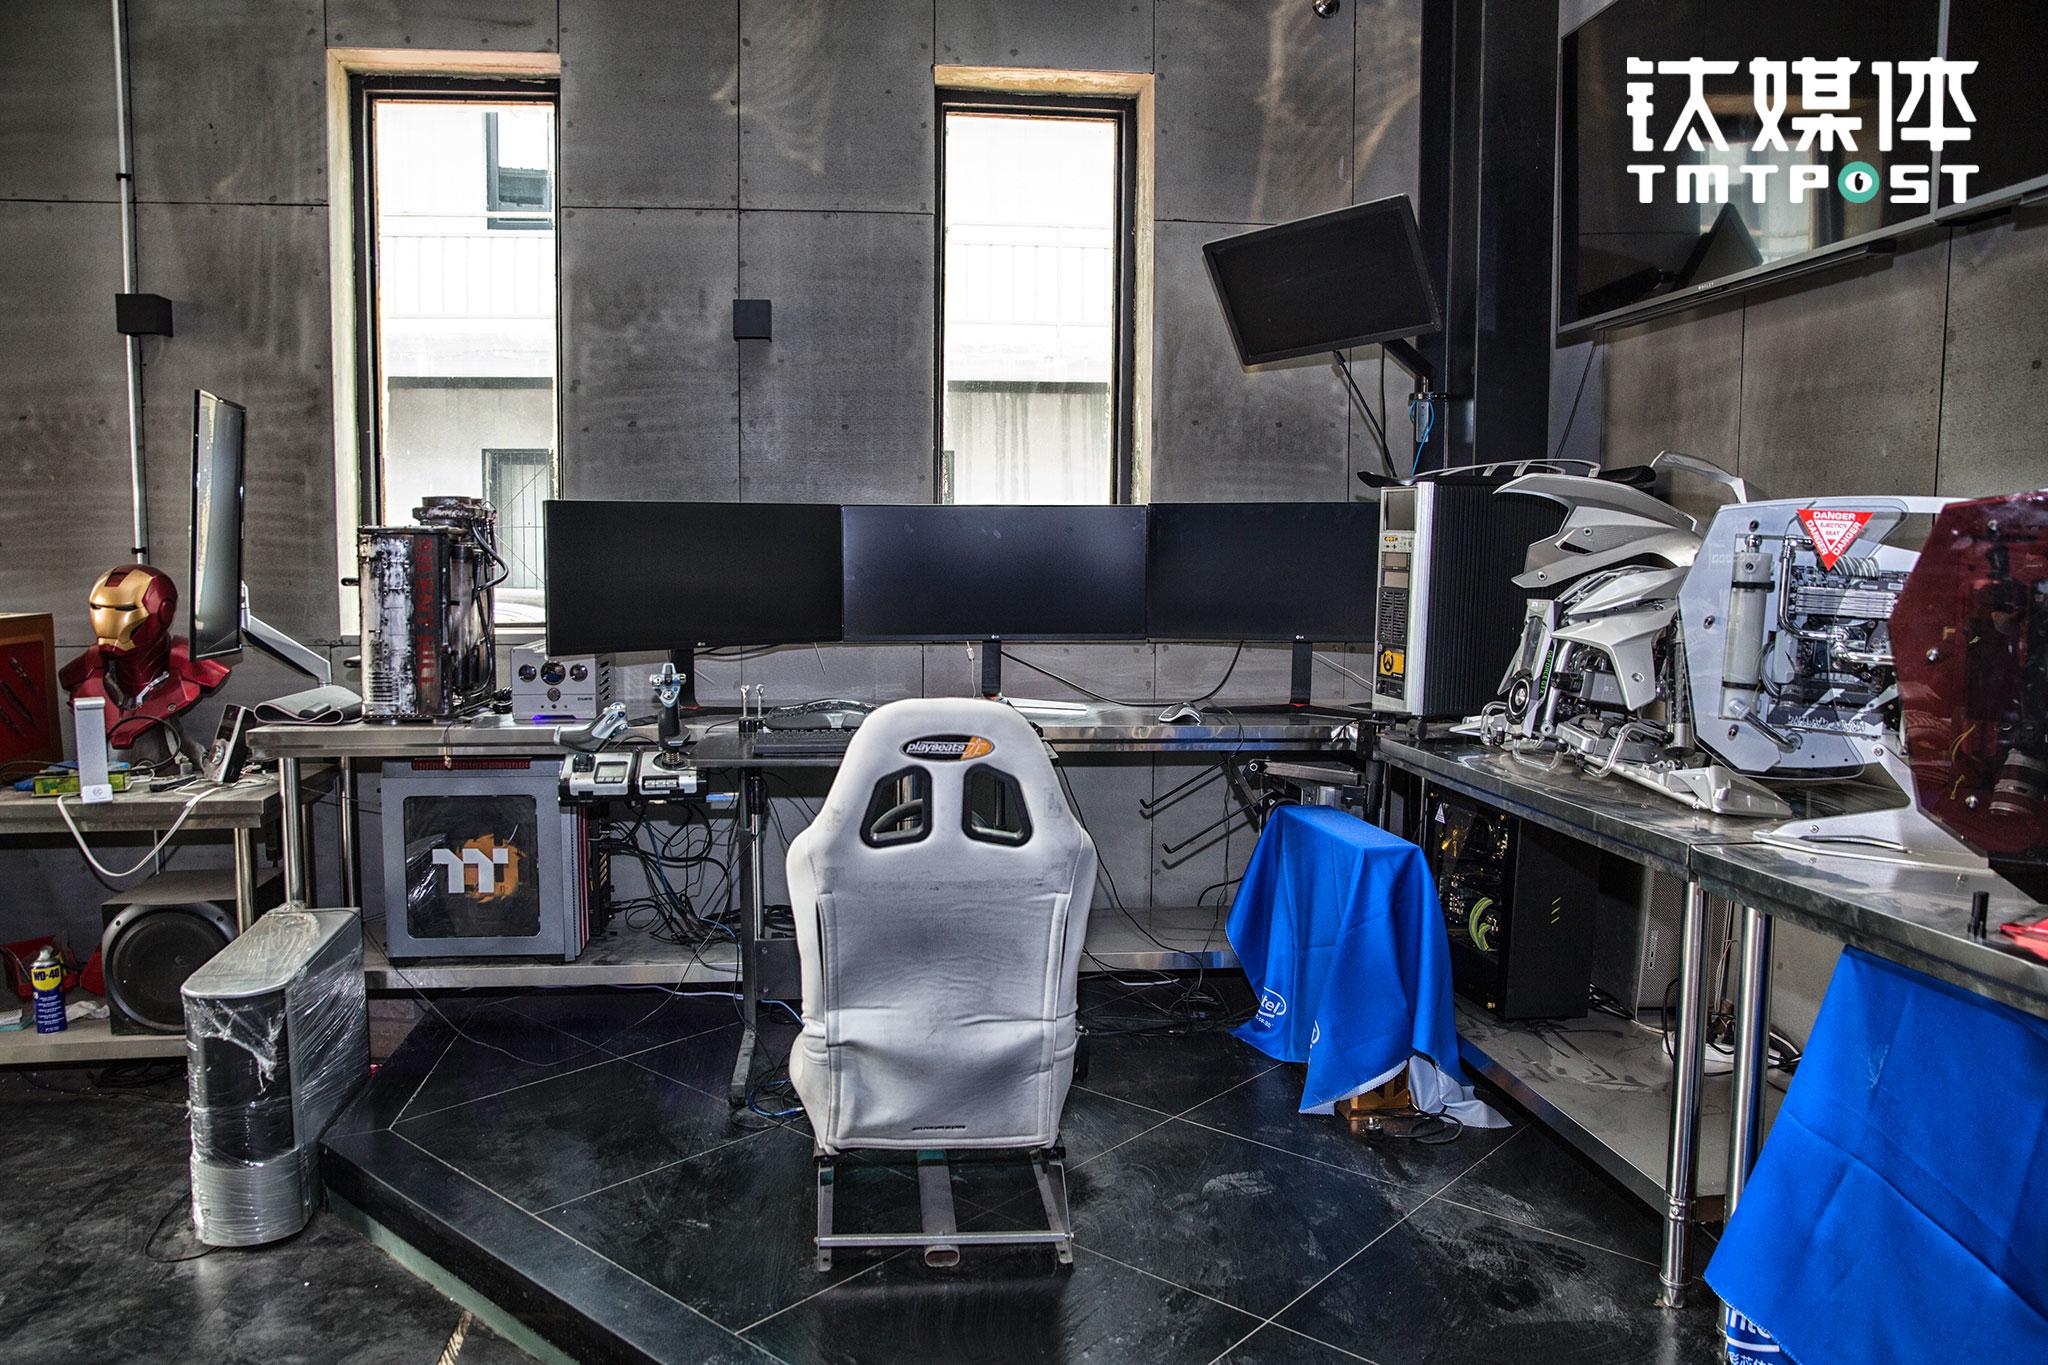 工作室一楼的游戏体验区。